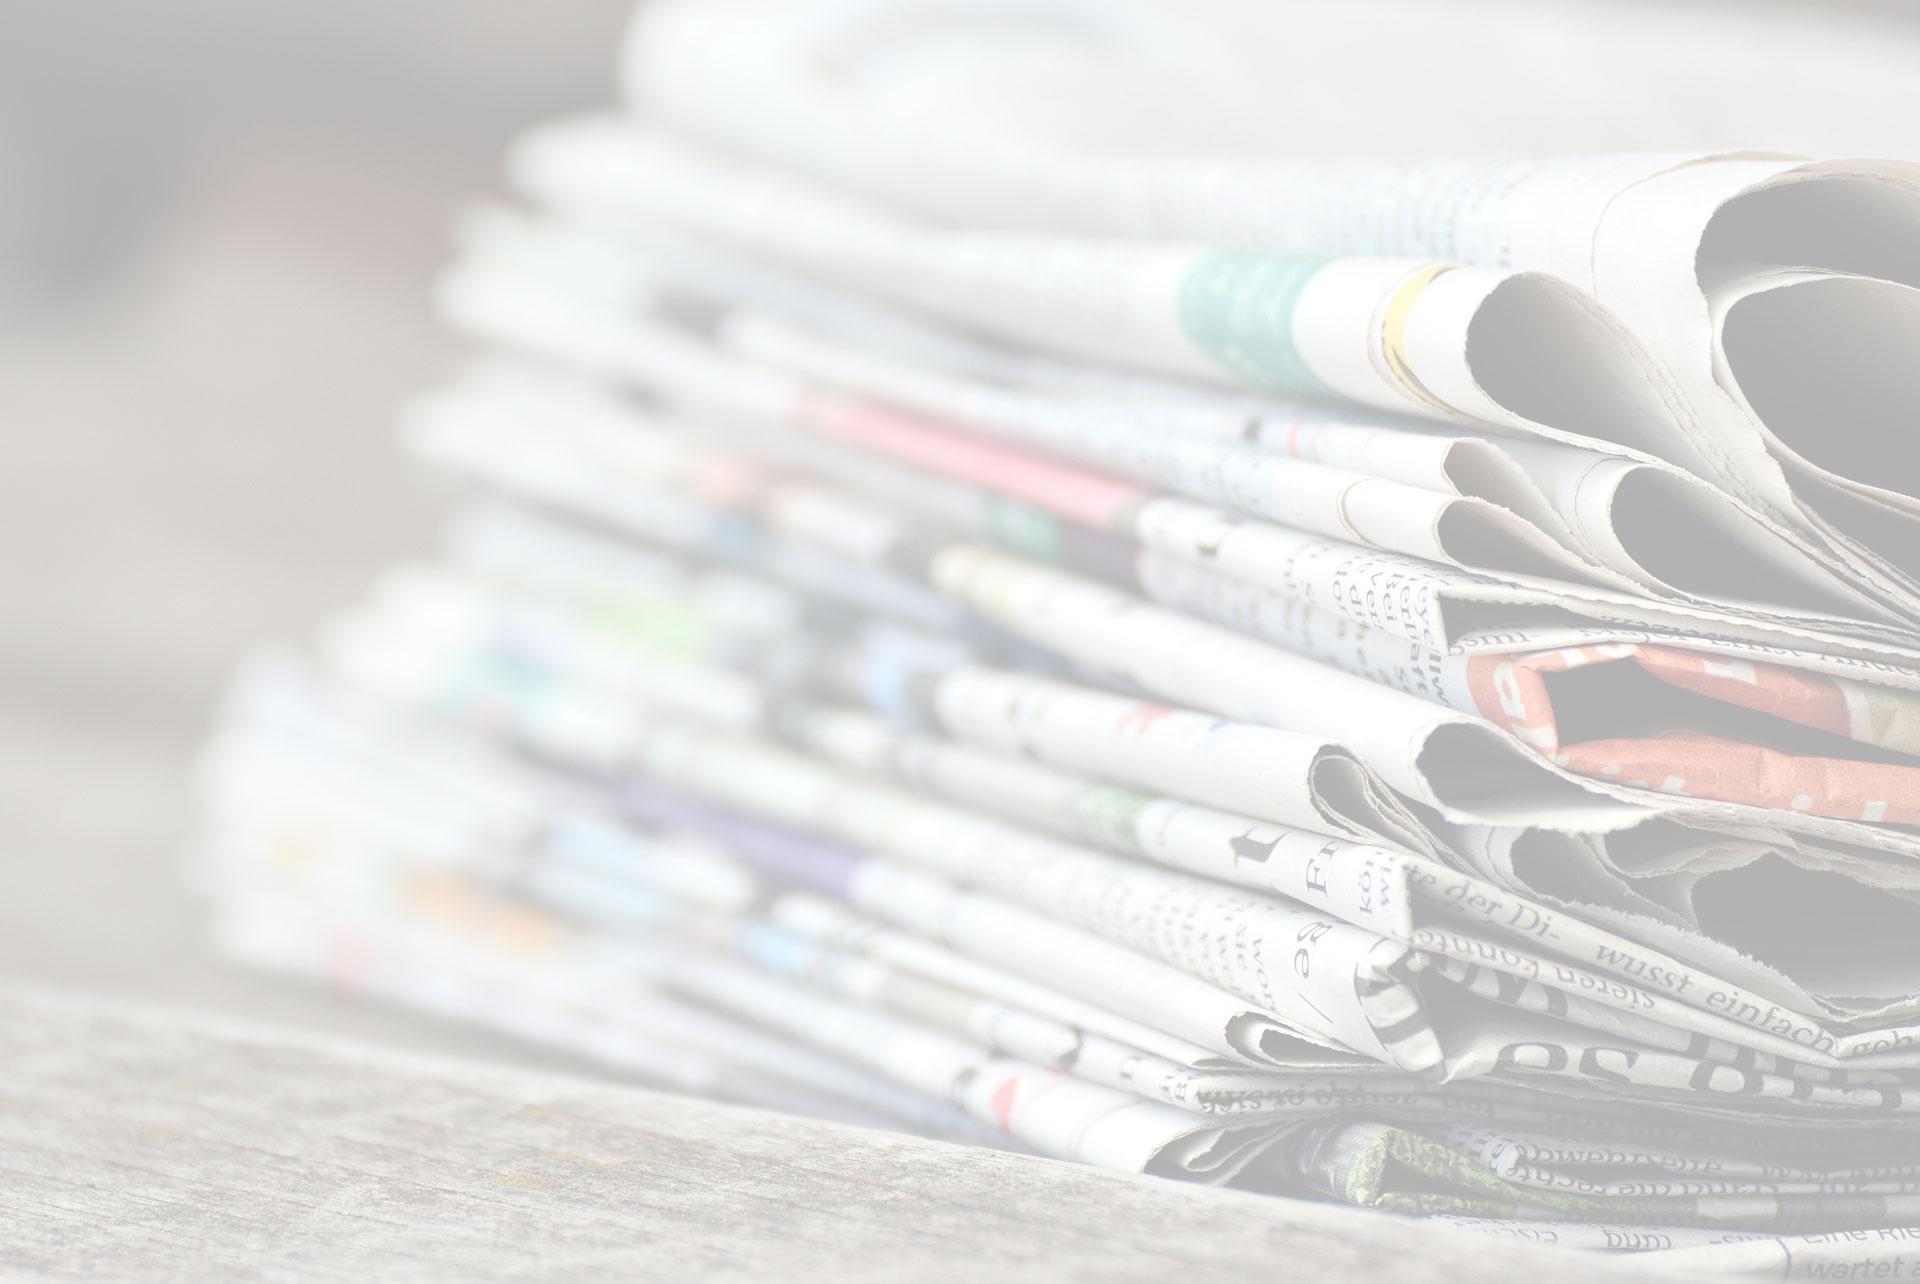 regolamento di youTube